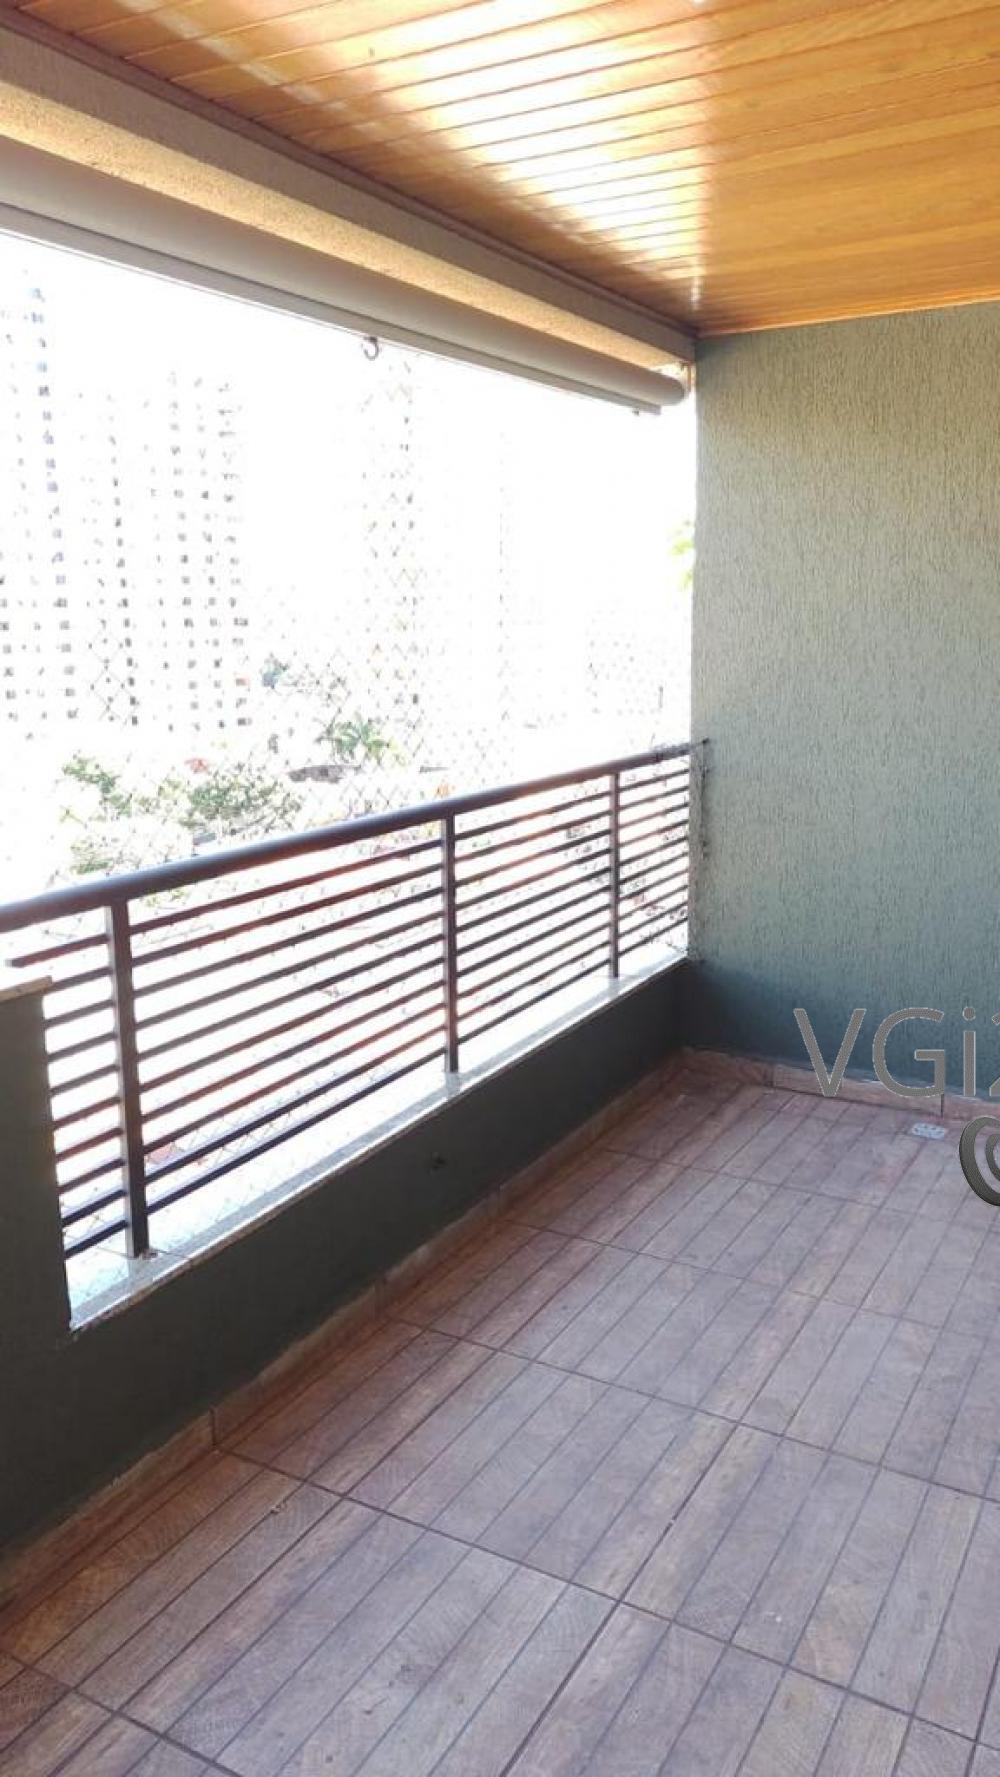 Comprar Apartamento / Padrão em Ribeirão Preto R$ 367.500,00 - Foto 24